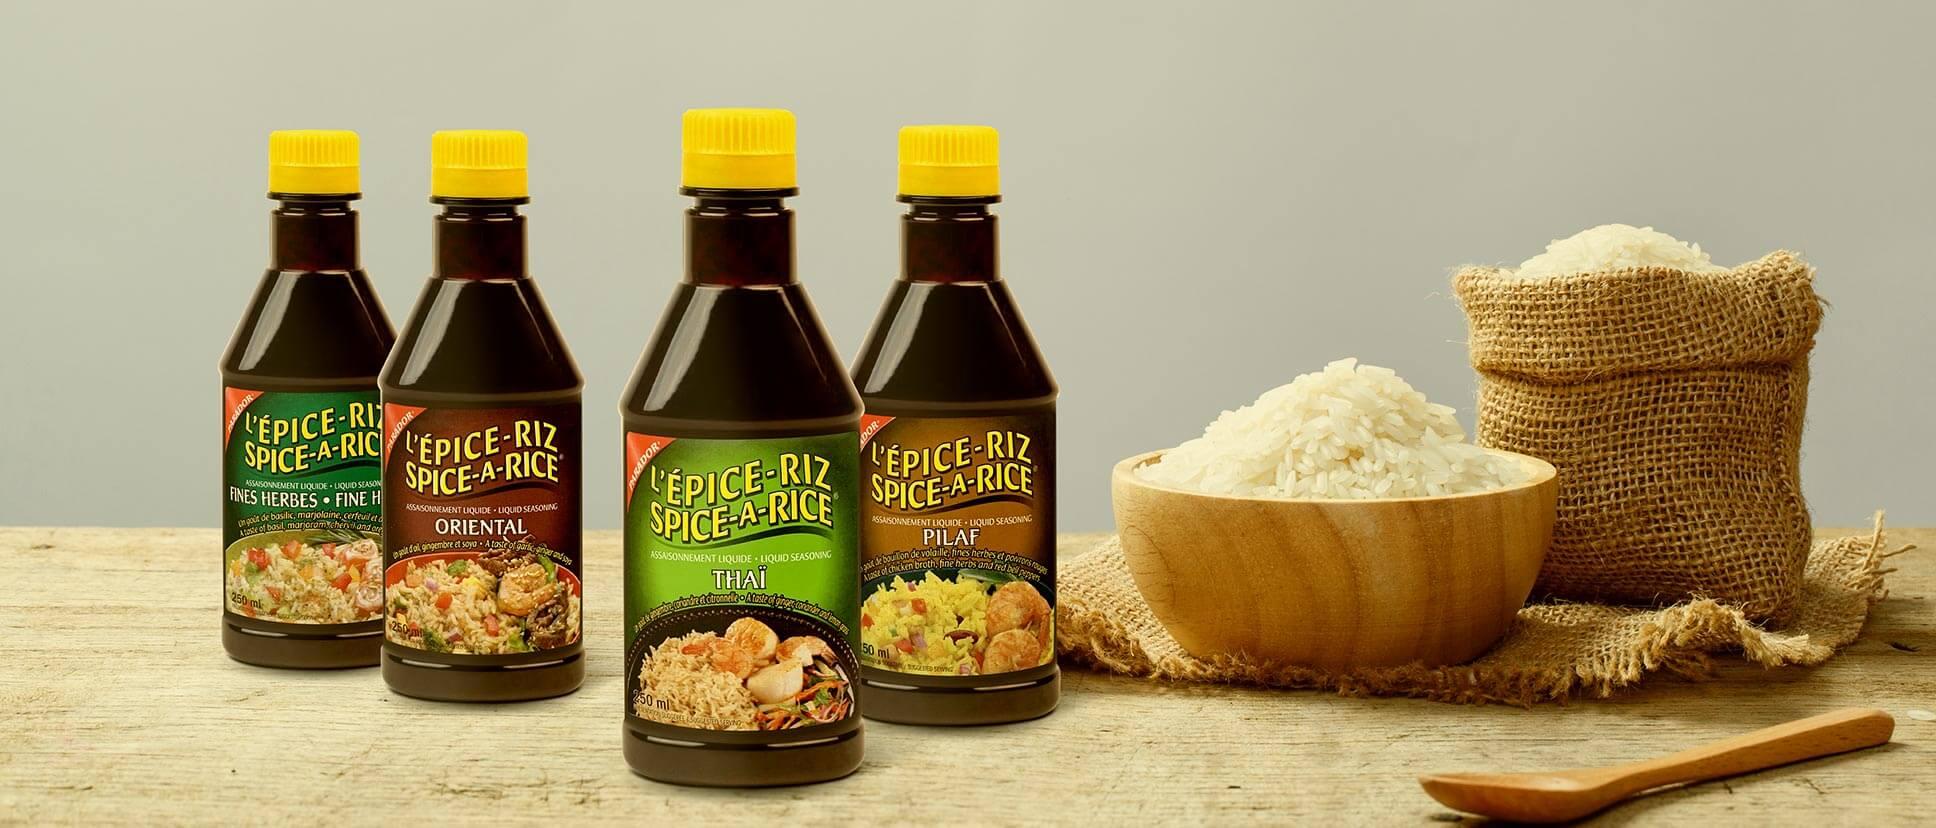 Plusieurs épices à riz sur une table.